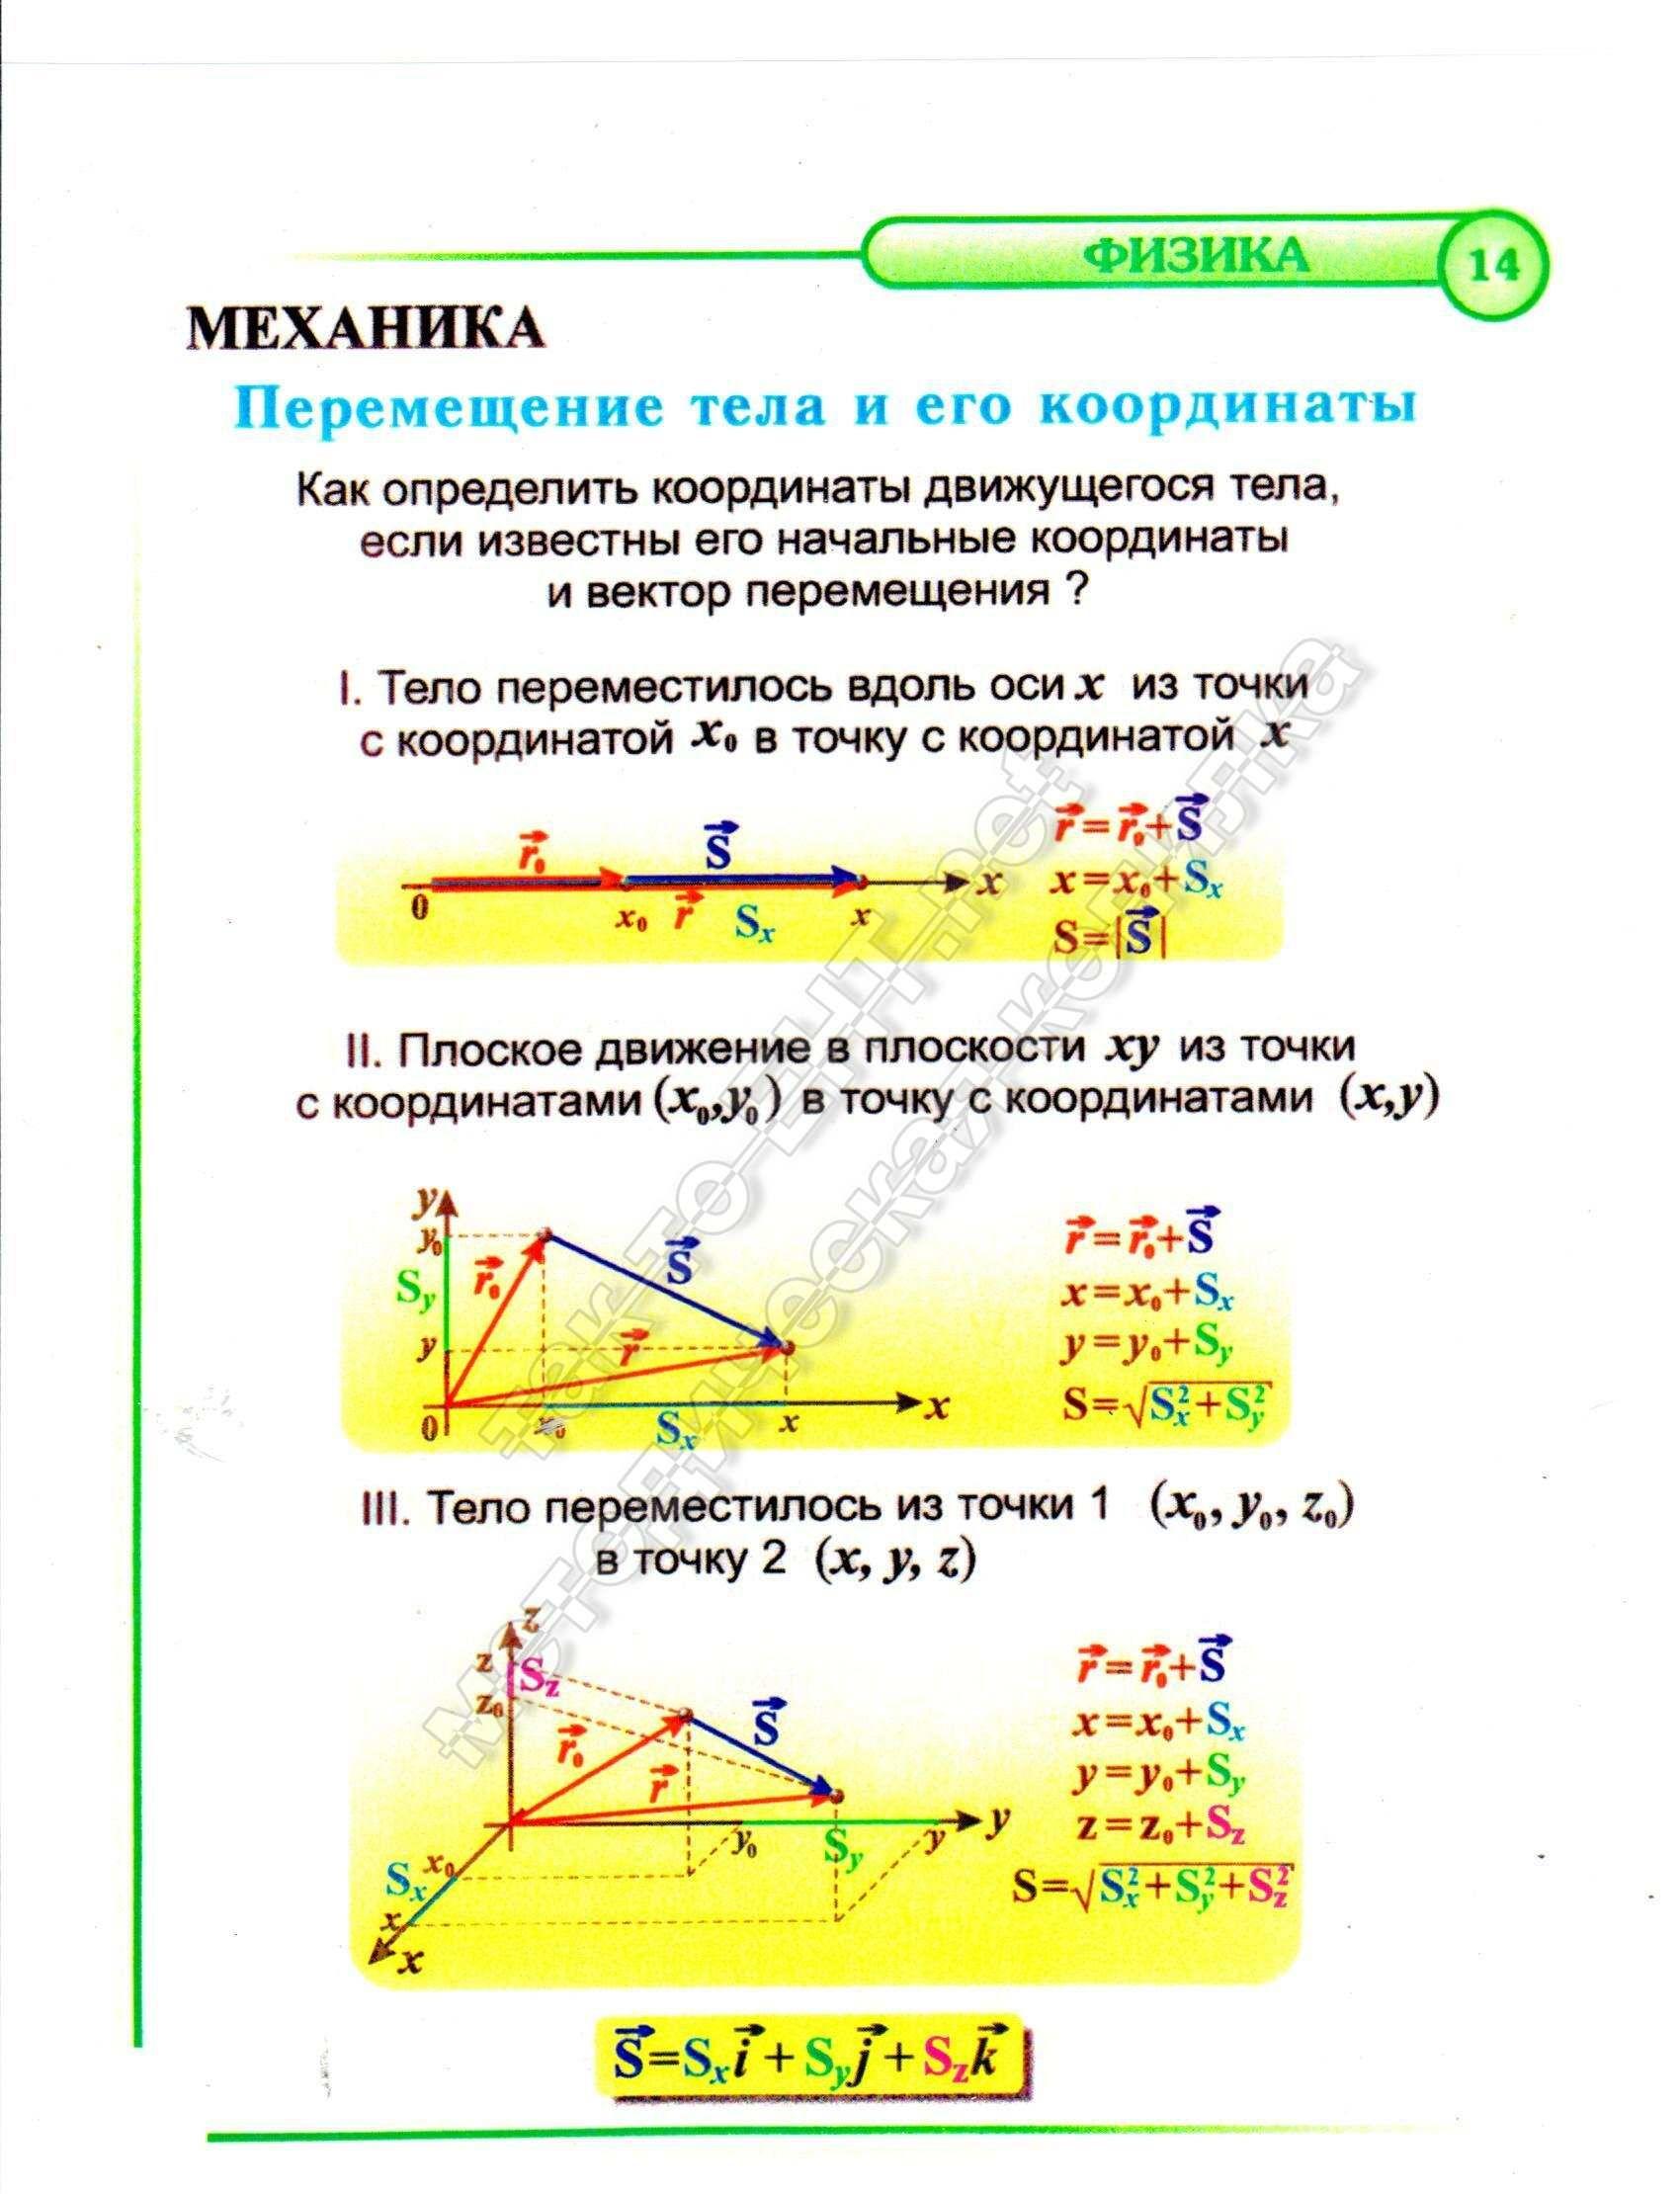 14 Перемещение тела и его координаты (механика)